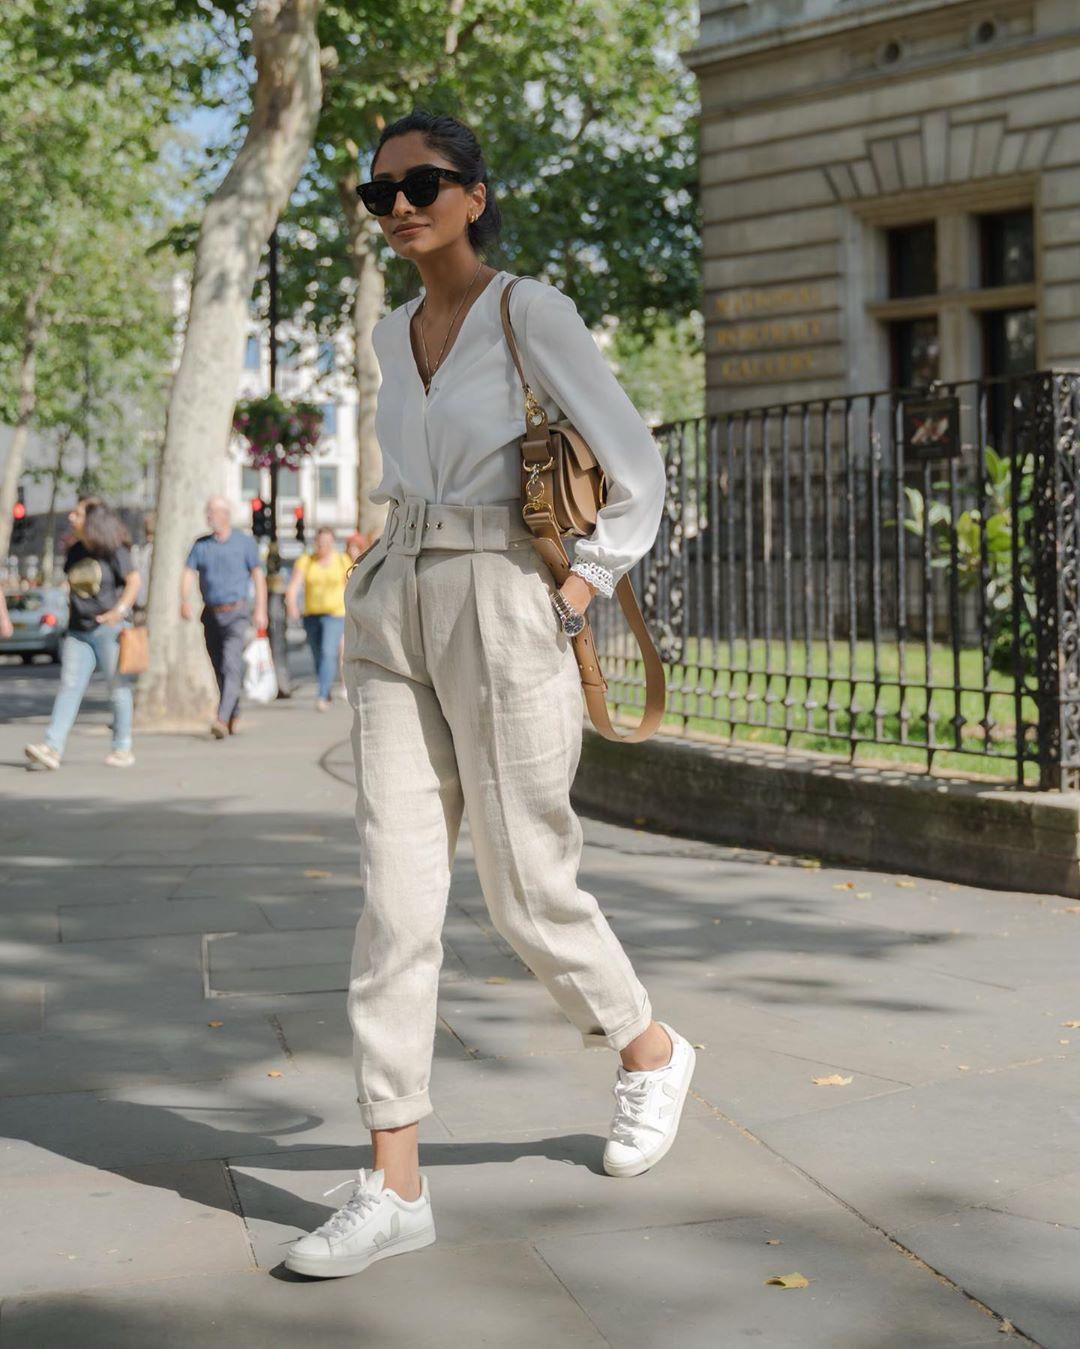 Cô gái mặc quần baggy đũi với áo sơ mi trắng đi làm